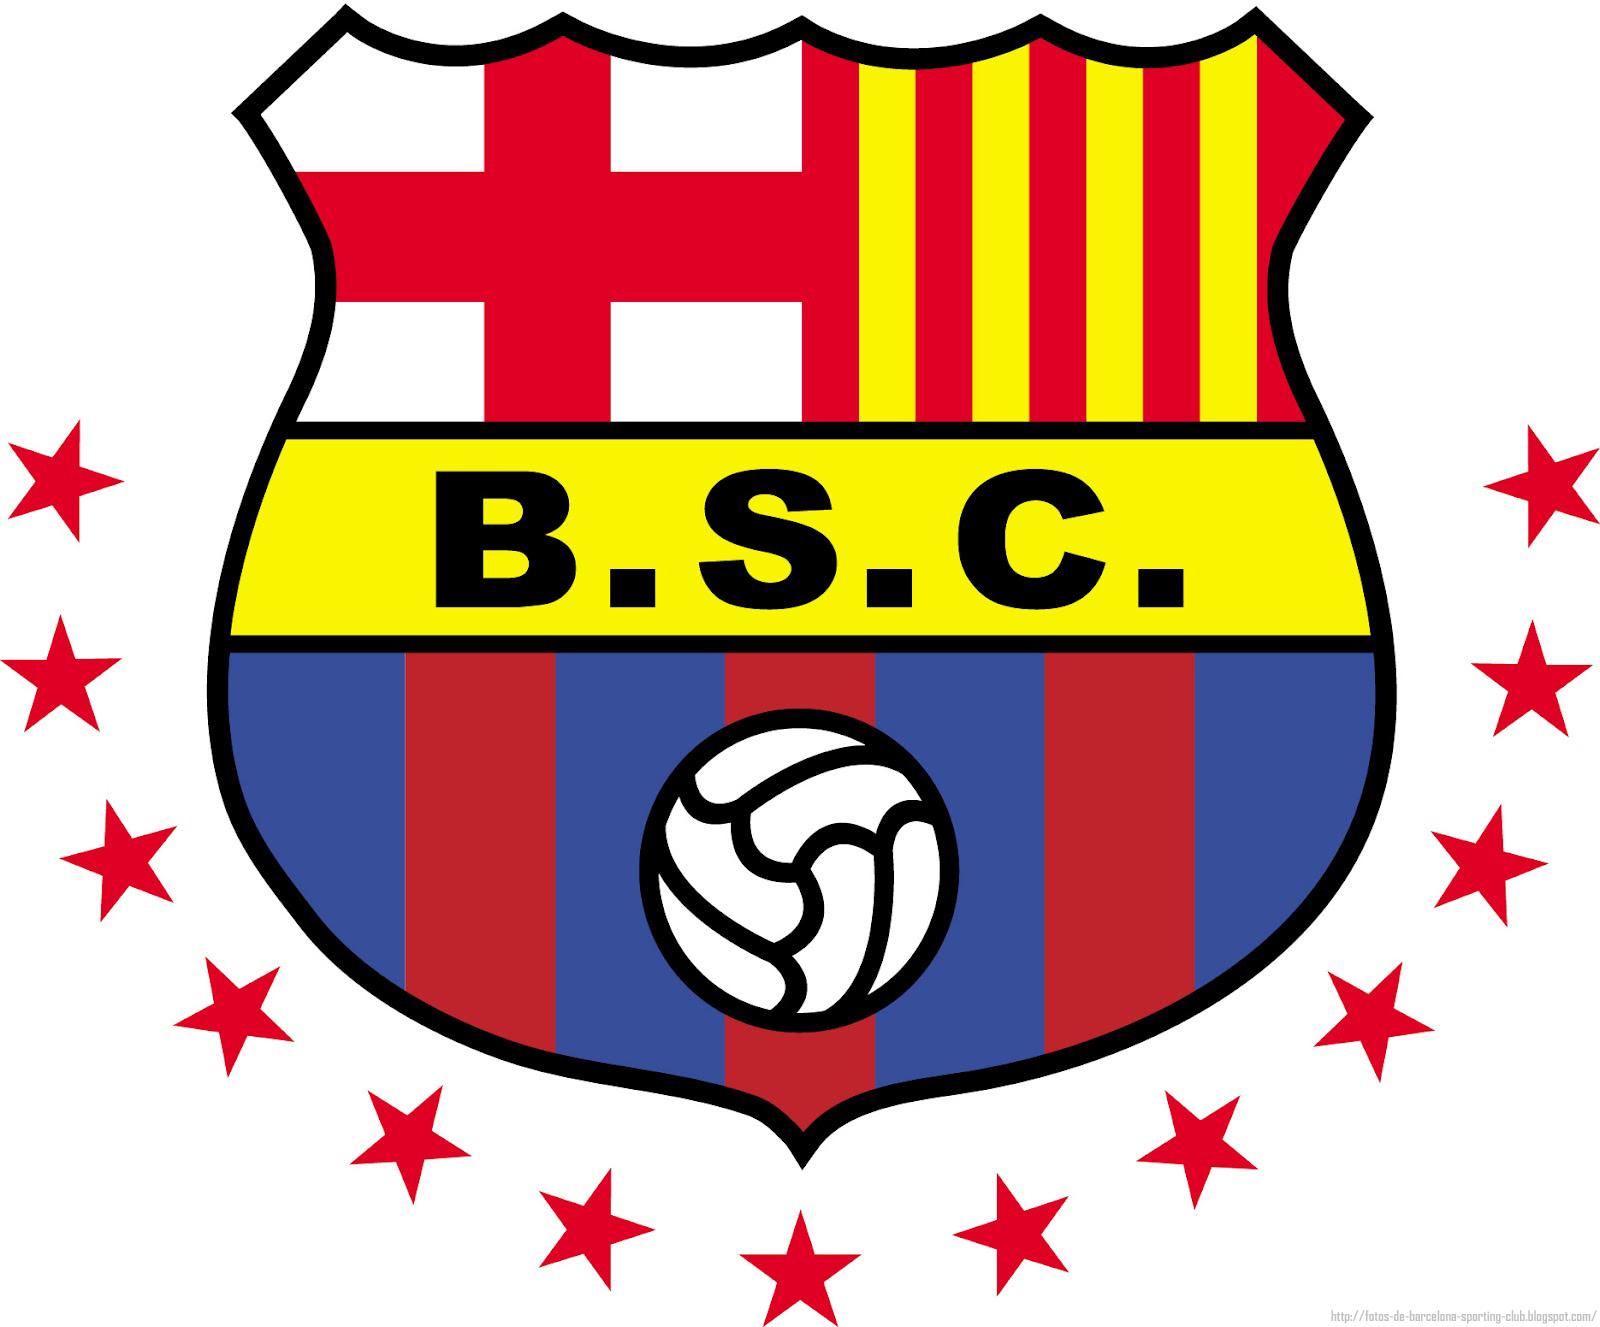 kleurplaat barcelona logo krijg duizenden kleurenfoto s